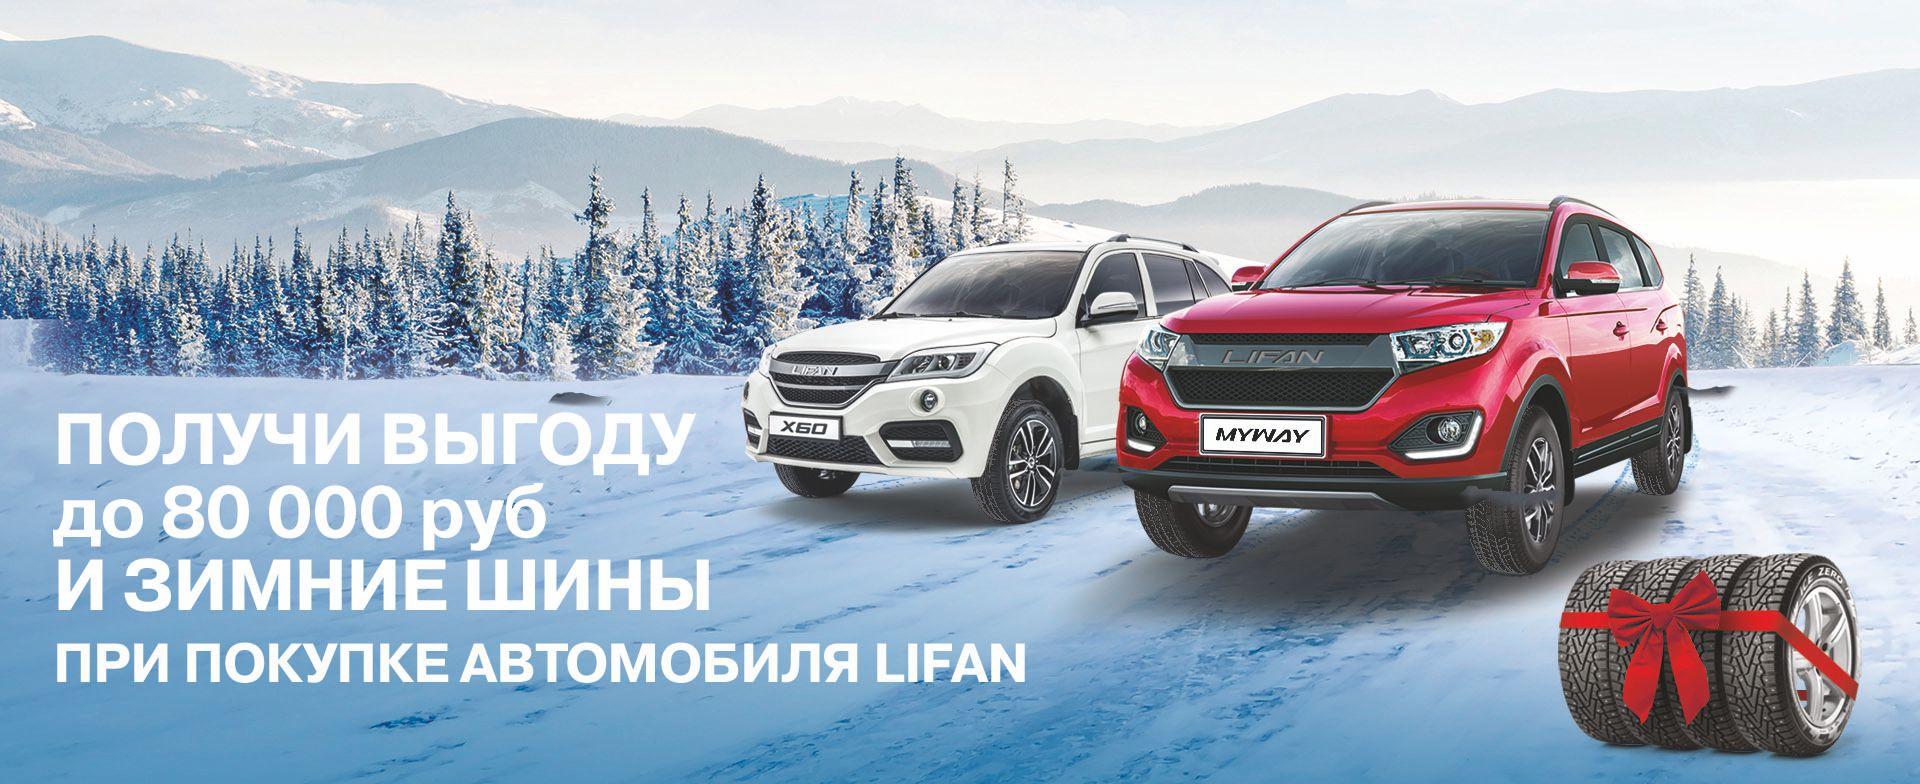 Получи зимние шины в подарок и выгоду на покупку нового LIFAN до 80 000 руб!